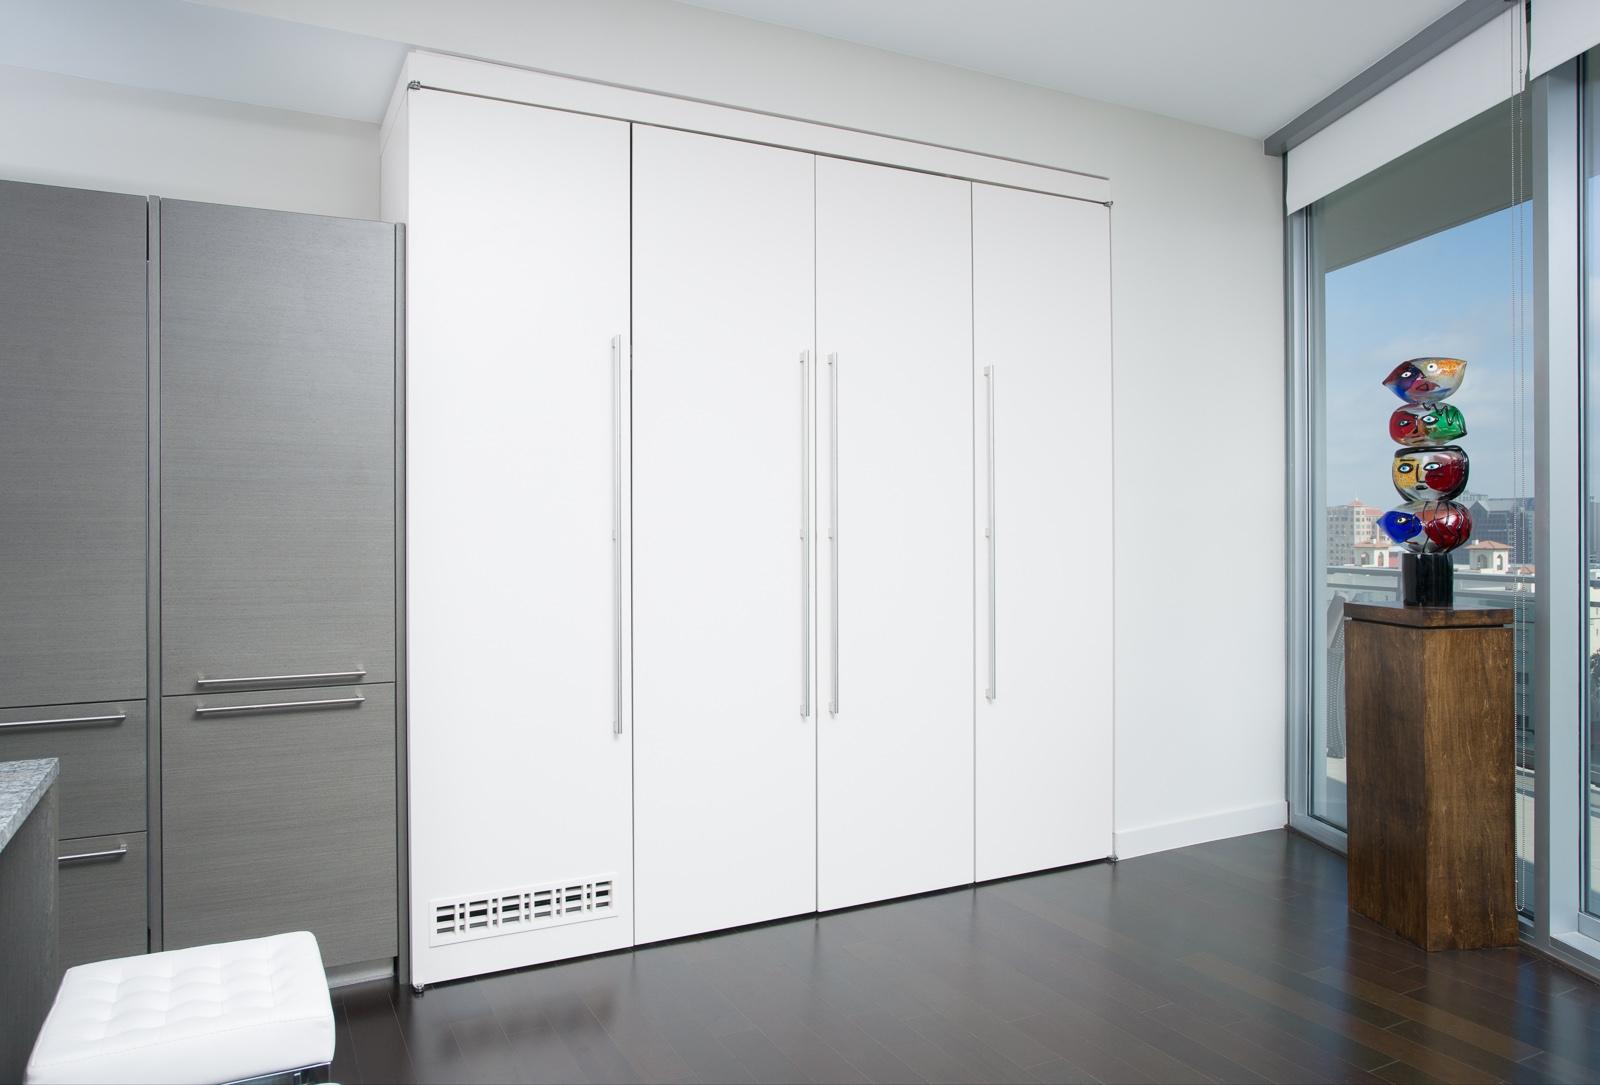 Pivot Door Slides For Full Size Doors1600 X 1085